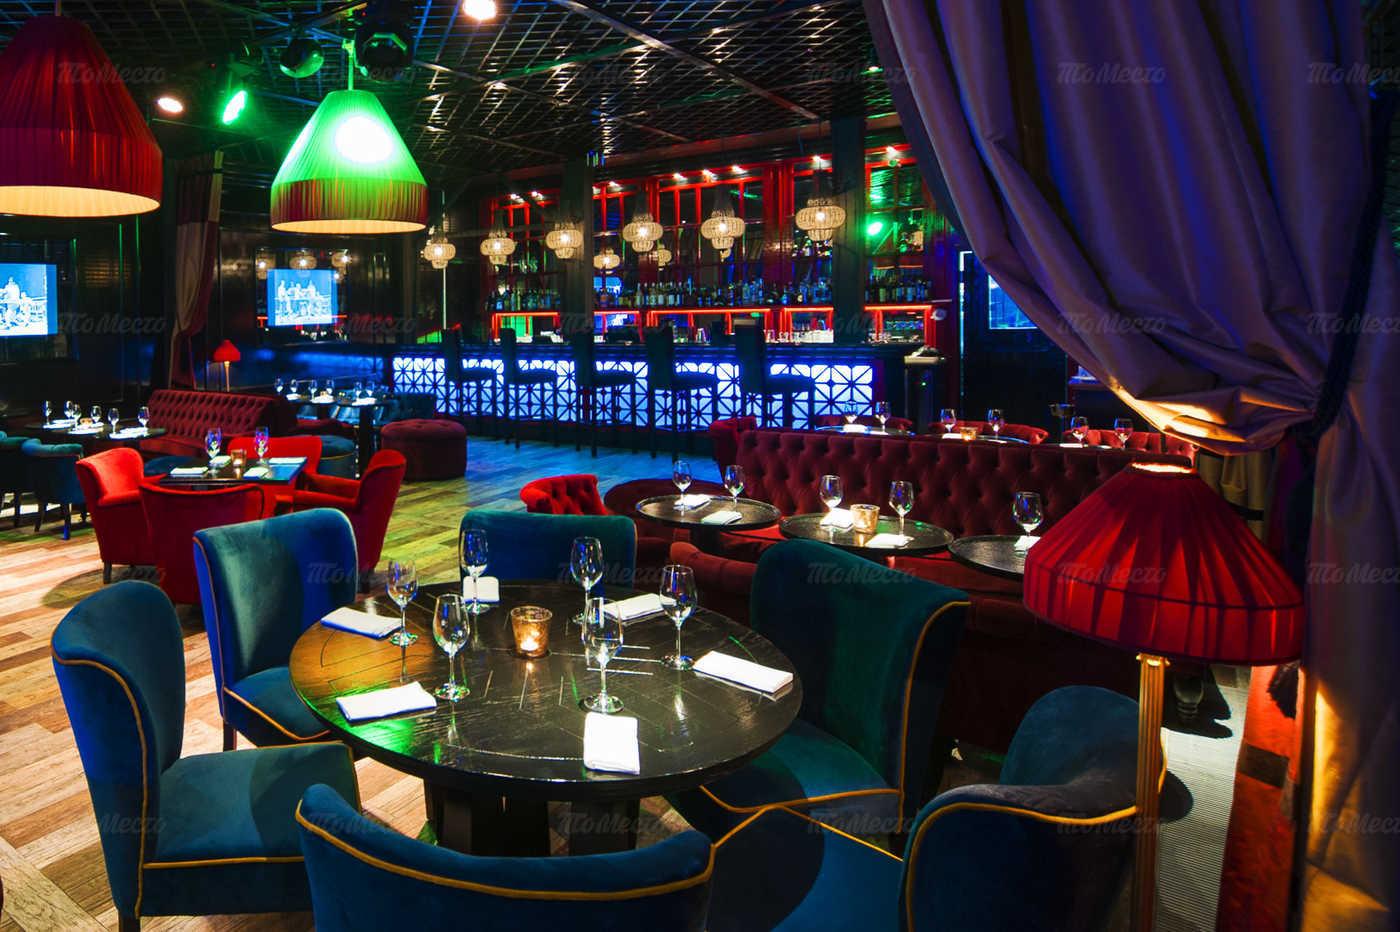 barov-restoranov-kazino-nochnih-klubov-oni